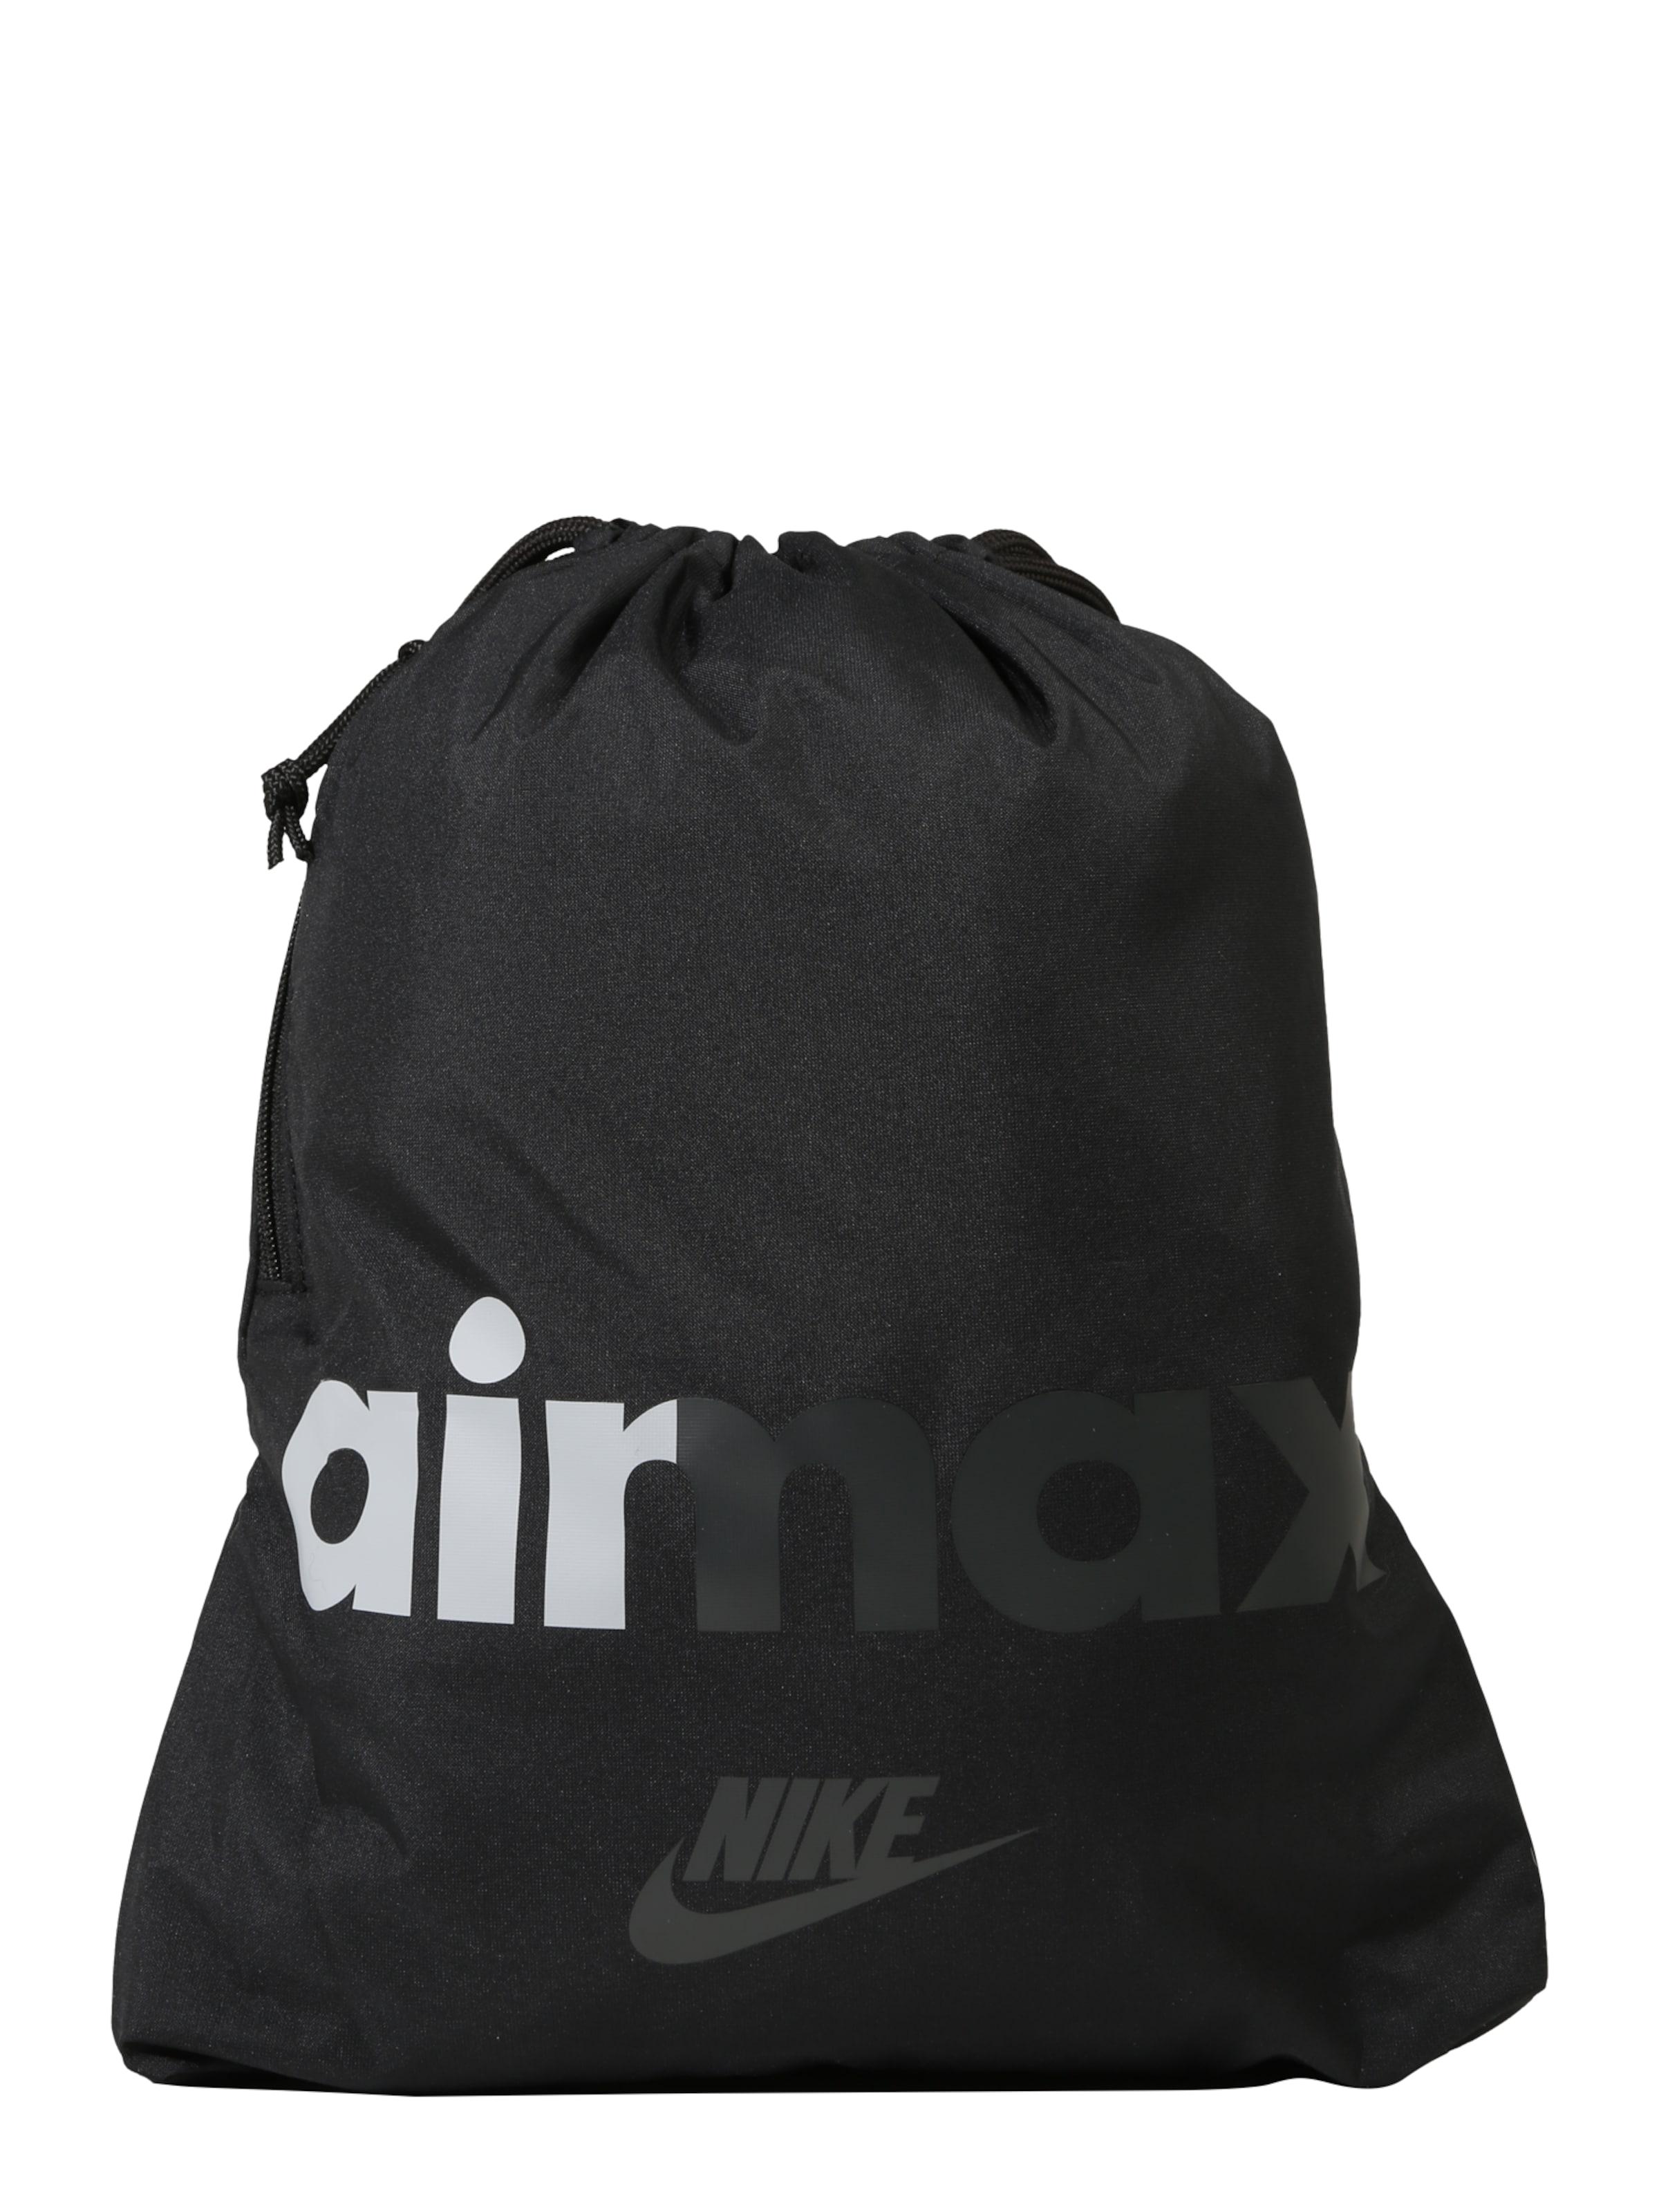 Steckdose Zahlen Mit Paypal Nike Sportswear Sportbeutel 'Heritage' Freies Verschiffen Preiswerter Preis Für Günstig Online 6aUvnO